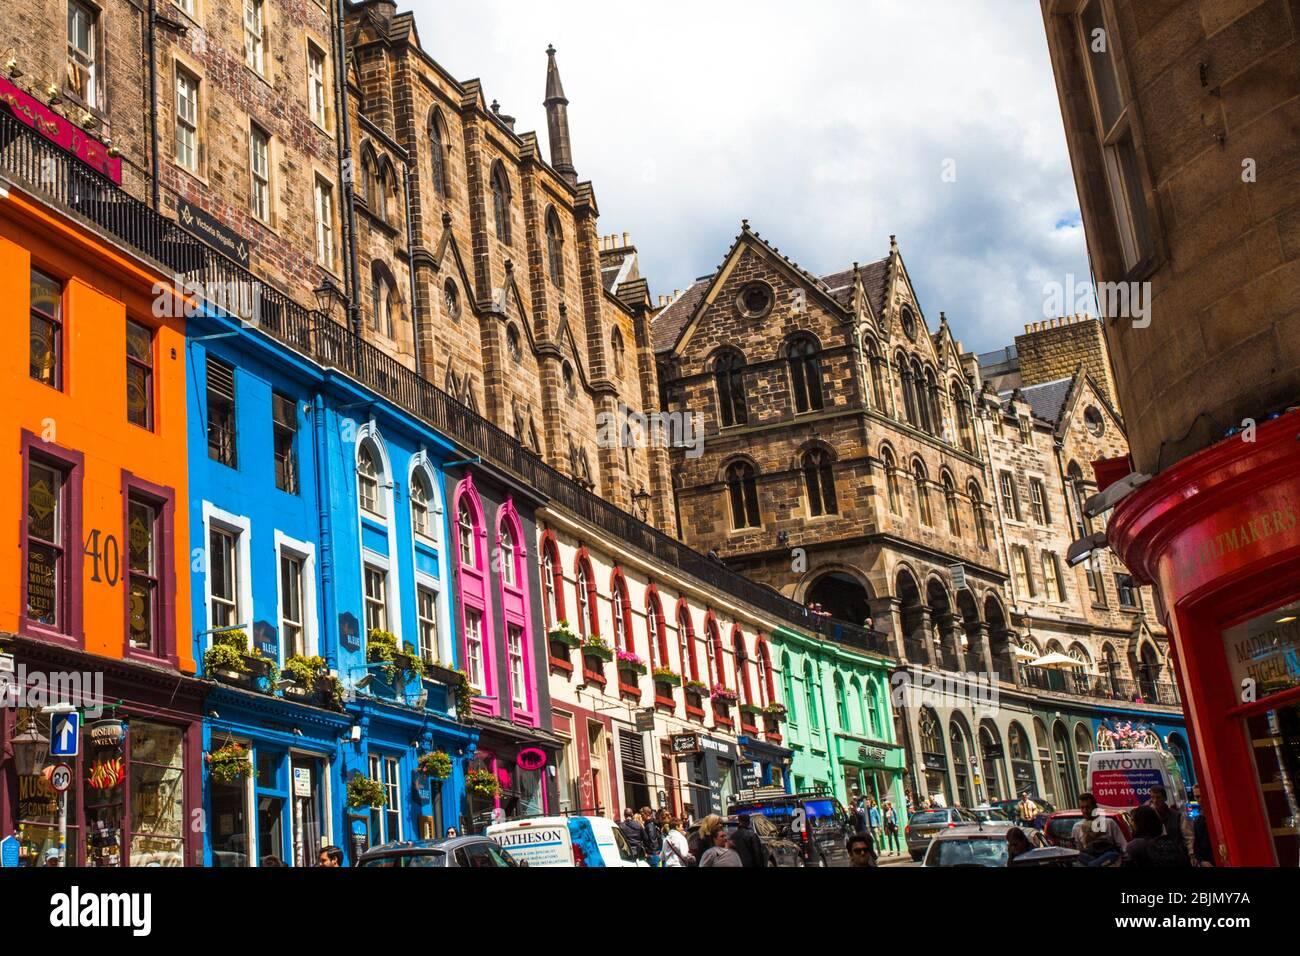 Victoria Street, Old Town, Édimbourg, Écosse, Royaume-Uni, Europe. Banque D'Images